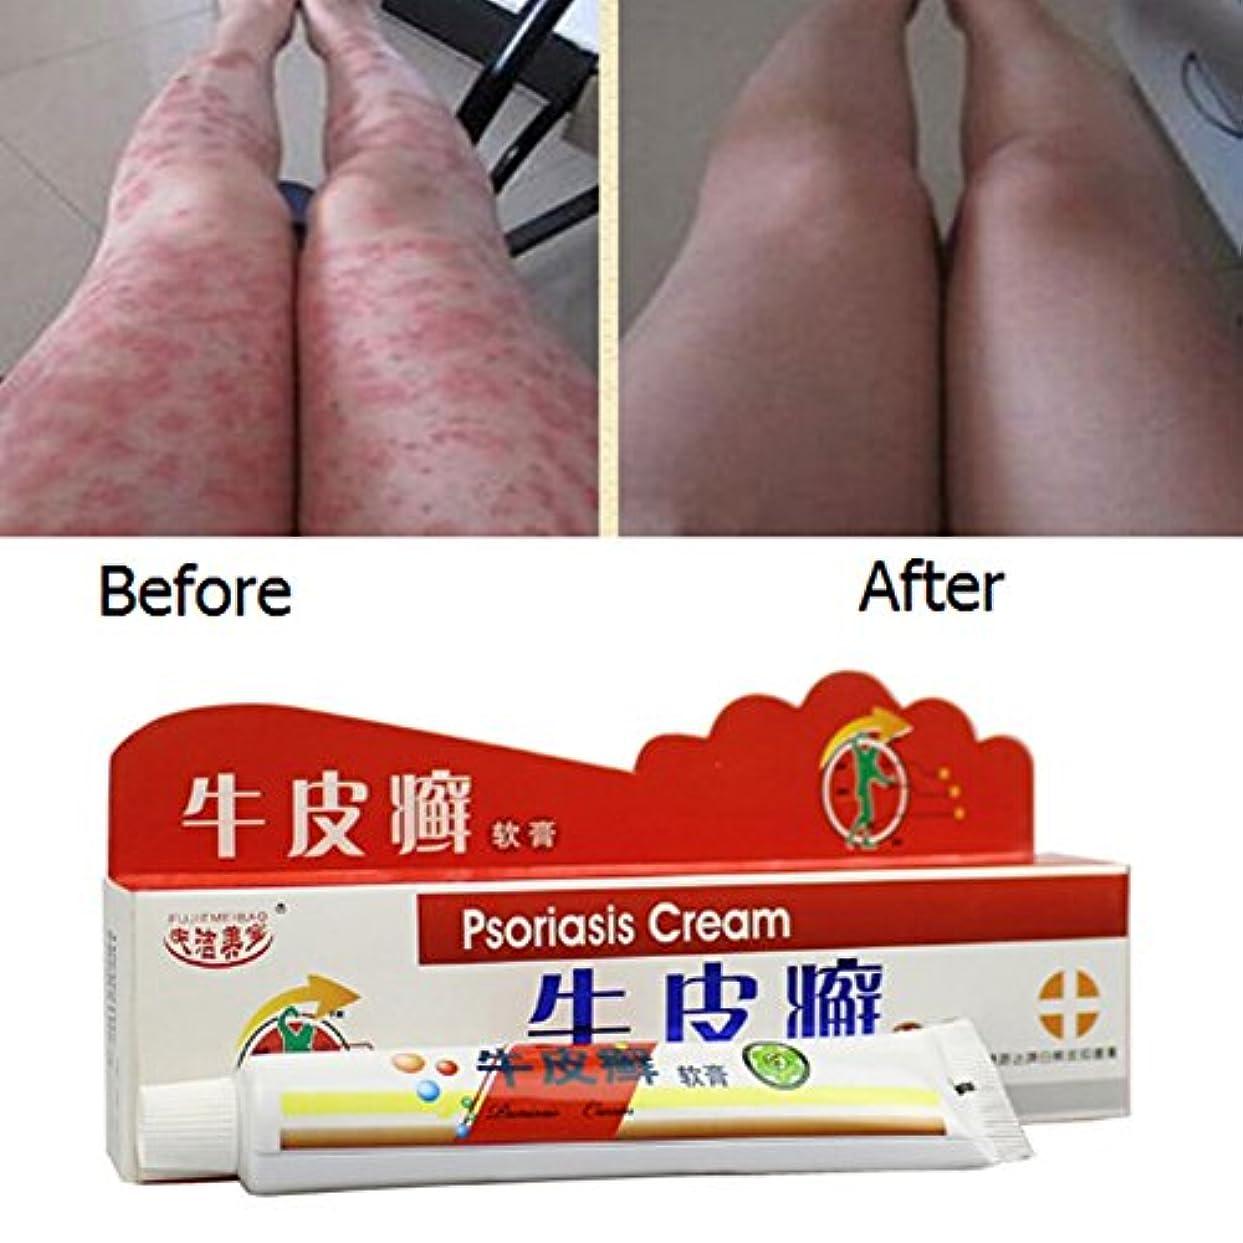 旅自発惨めな乾癬クリーム 漢方薬 植物成分 ハーブ軟膏 抗菌 クリーム 湿疹 乾癬 かゆみ Ammbous